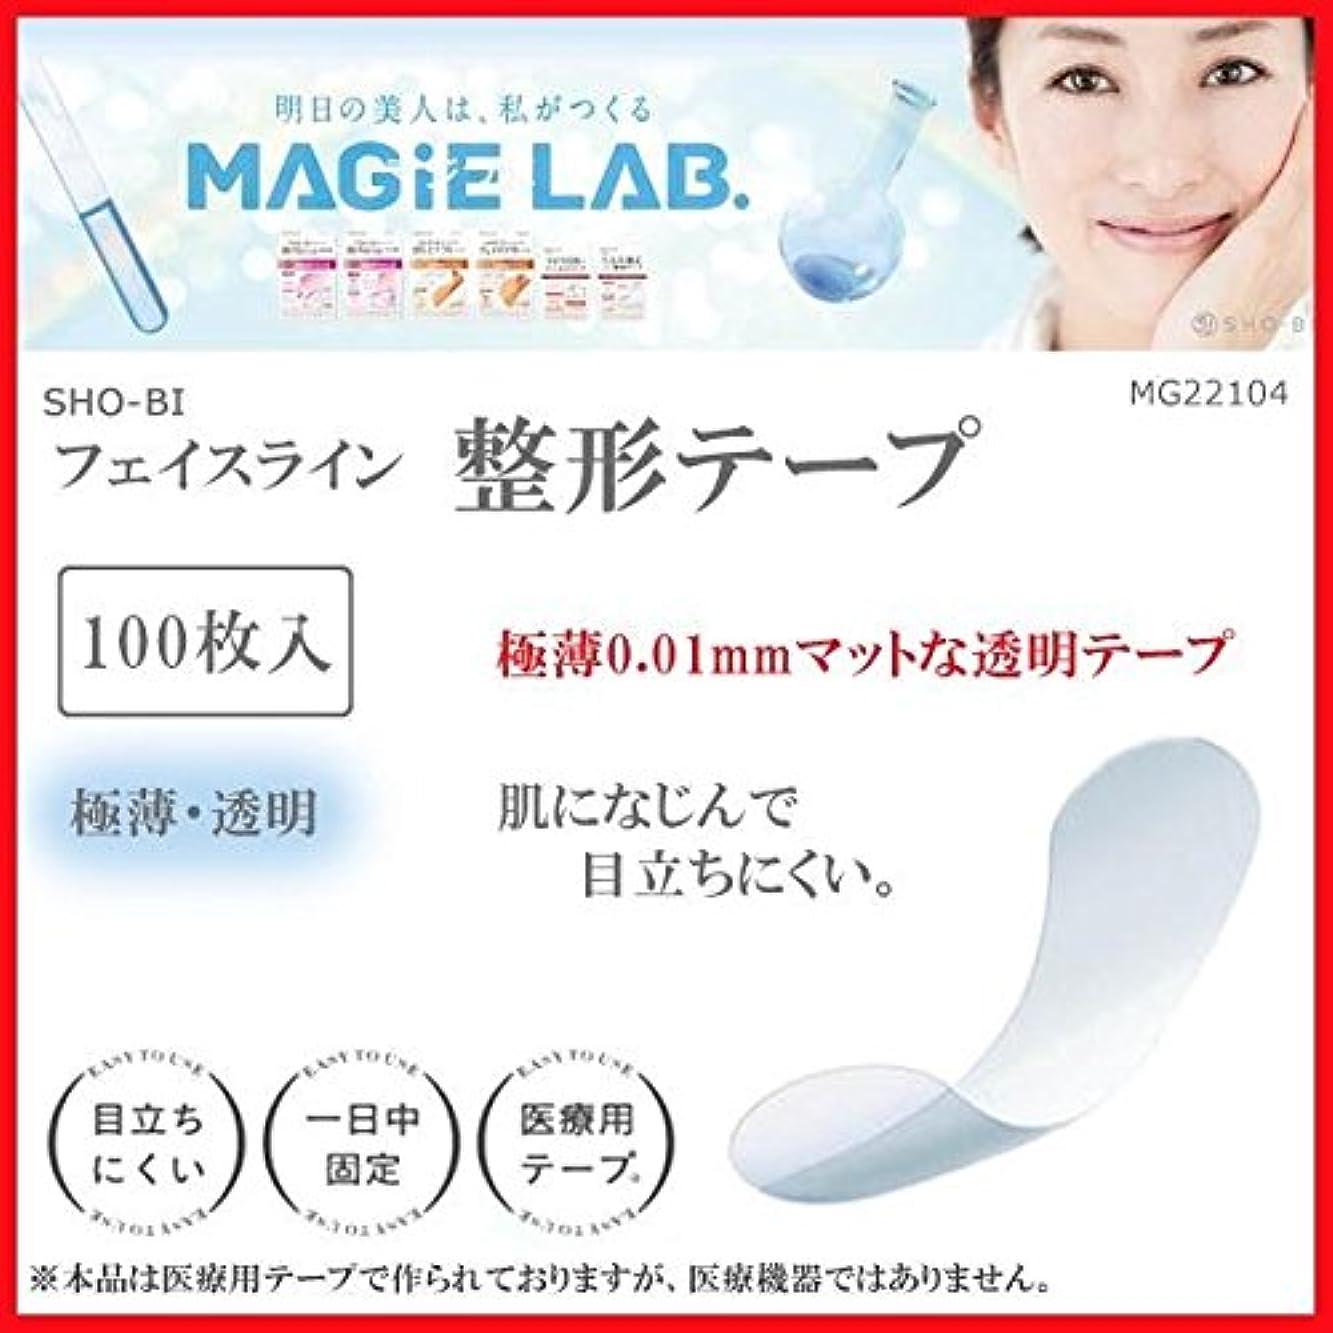 変装何十人もマージSHO-BI MAGiE LAB.(マジラボ) フェイスライン整形テープ 100枚入 MG22104